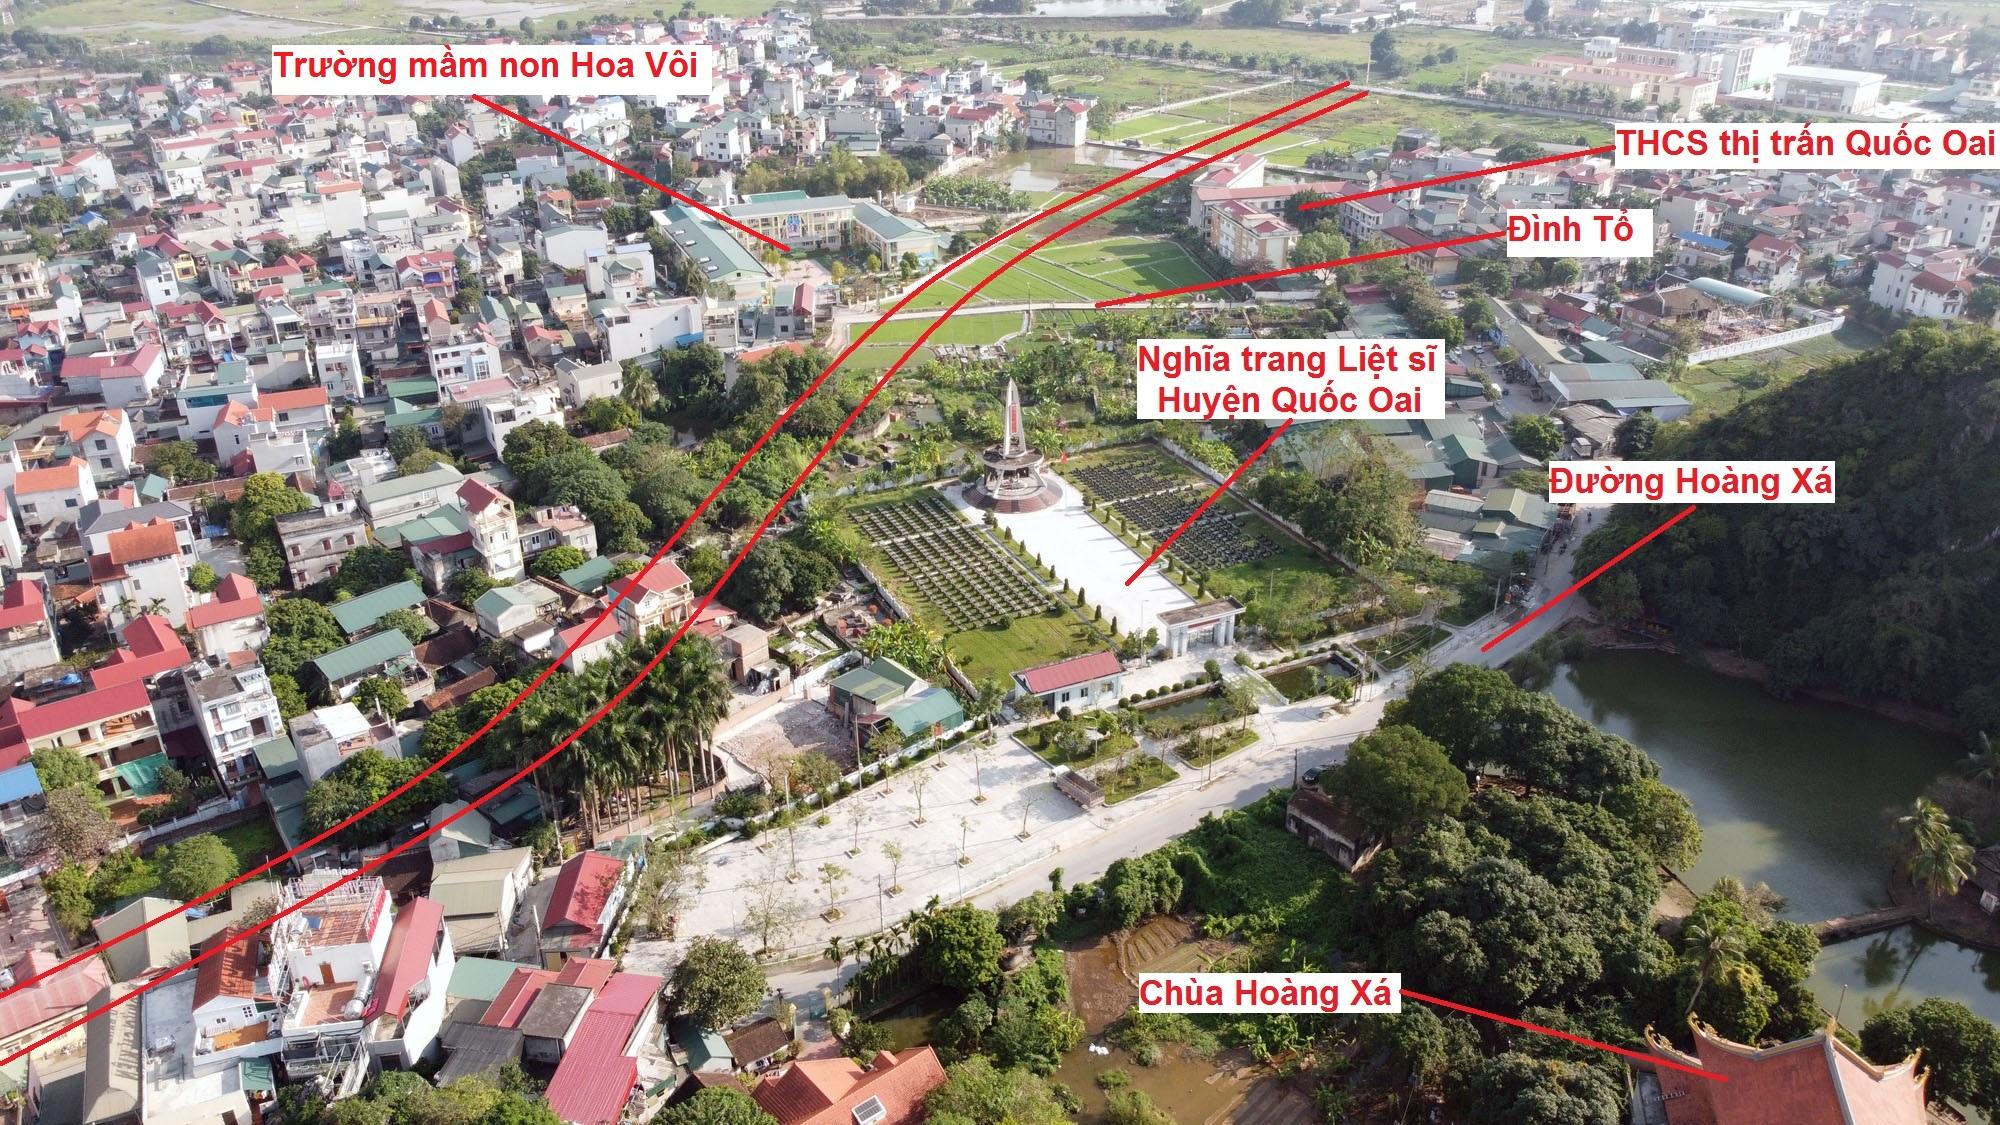 Ba đường sẽ mở theo qui hoạch ở thị trấn Quốc Oai, Quốc Oai, Hà Nội - Ảnh 9.